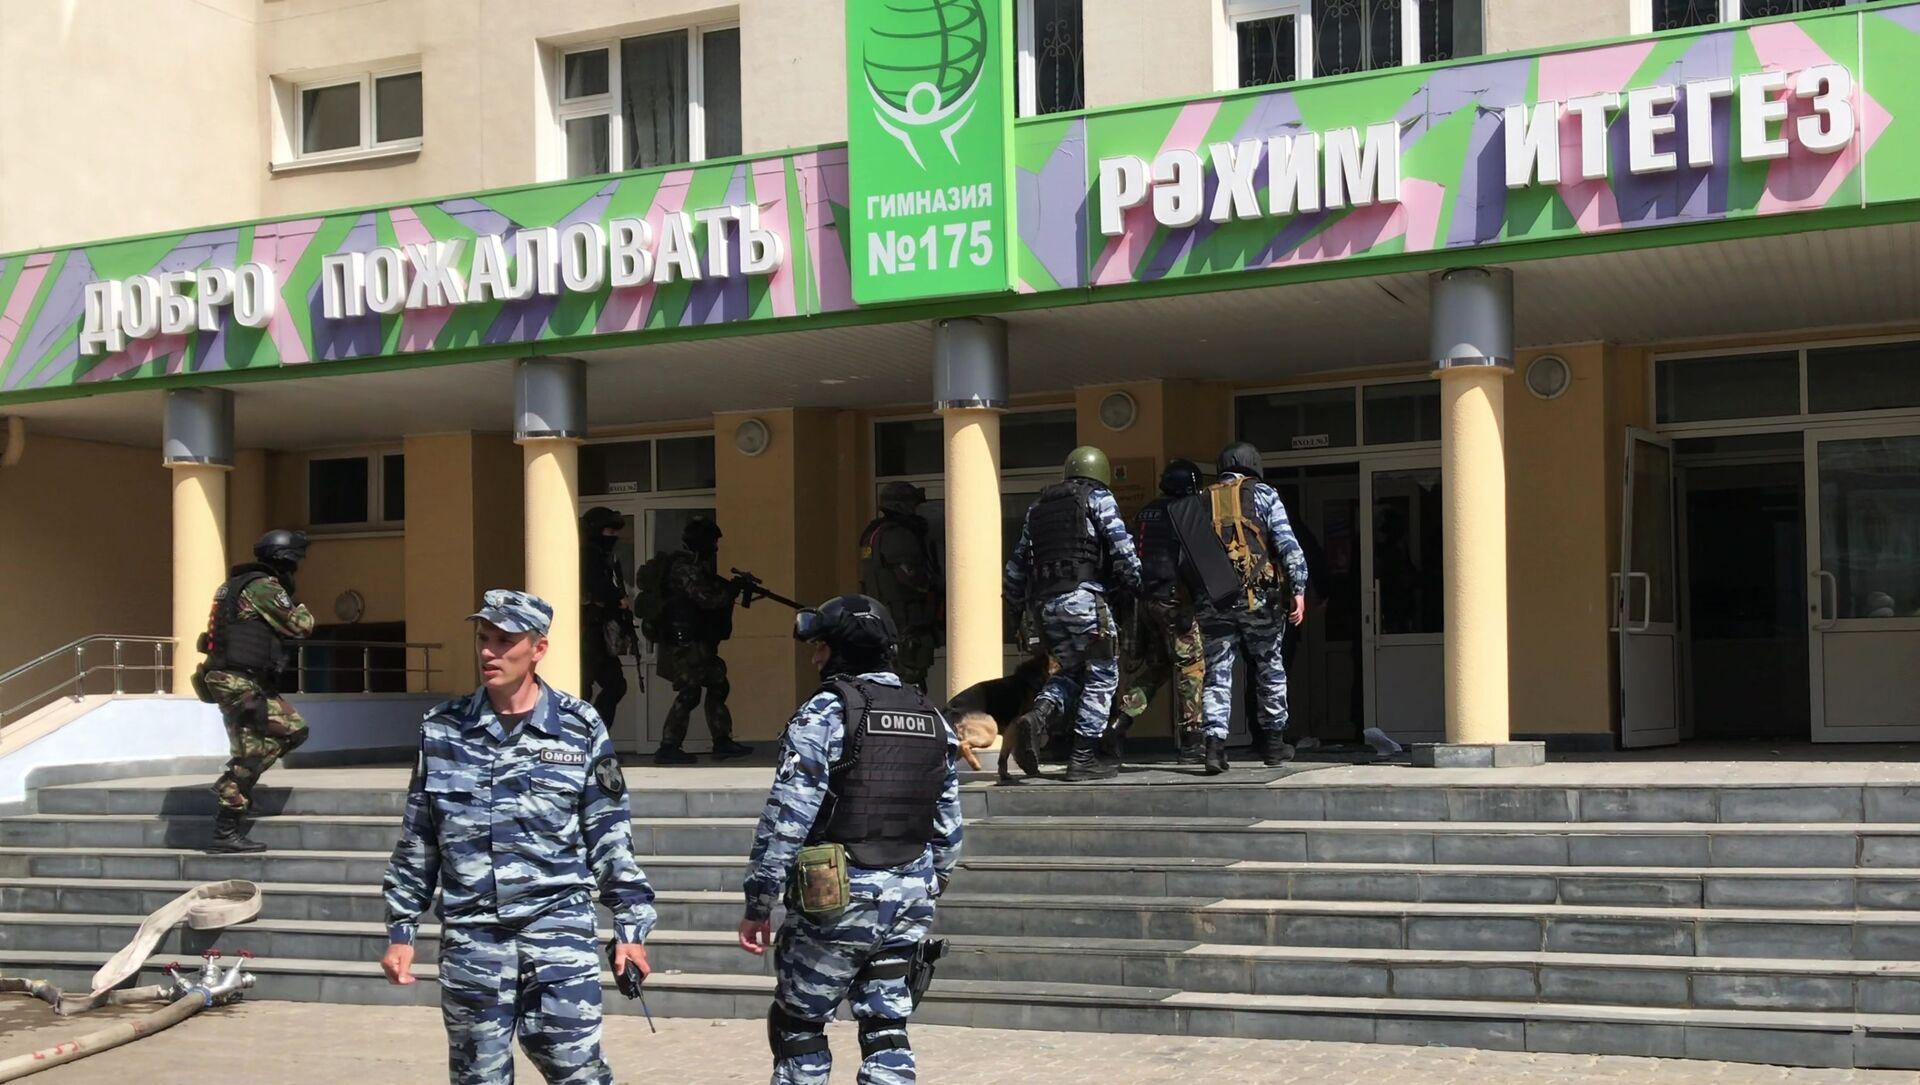 Agenti delle forze speciali russe fuori dal Ginnasioi 175 di Kazan dov'è avvenuta la sparatoria - Sputnik Italia, 1920, 18.05.2021